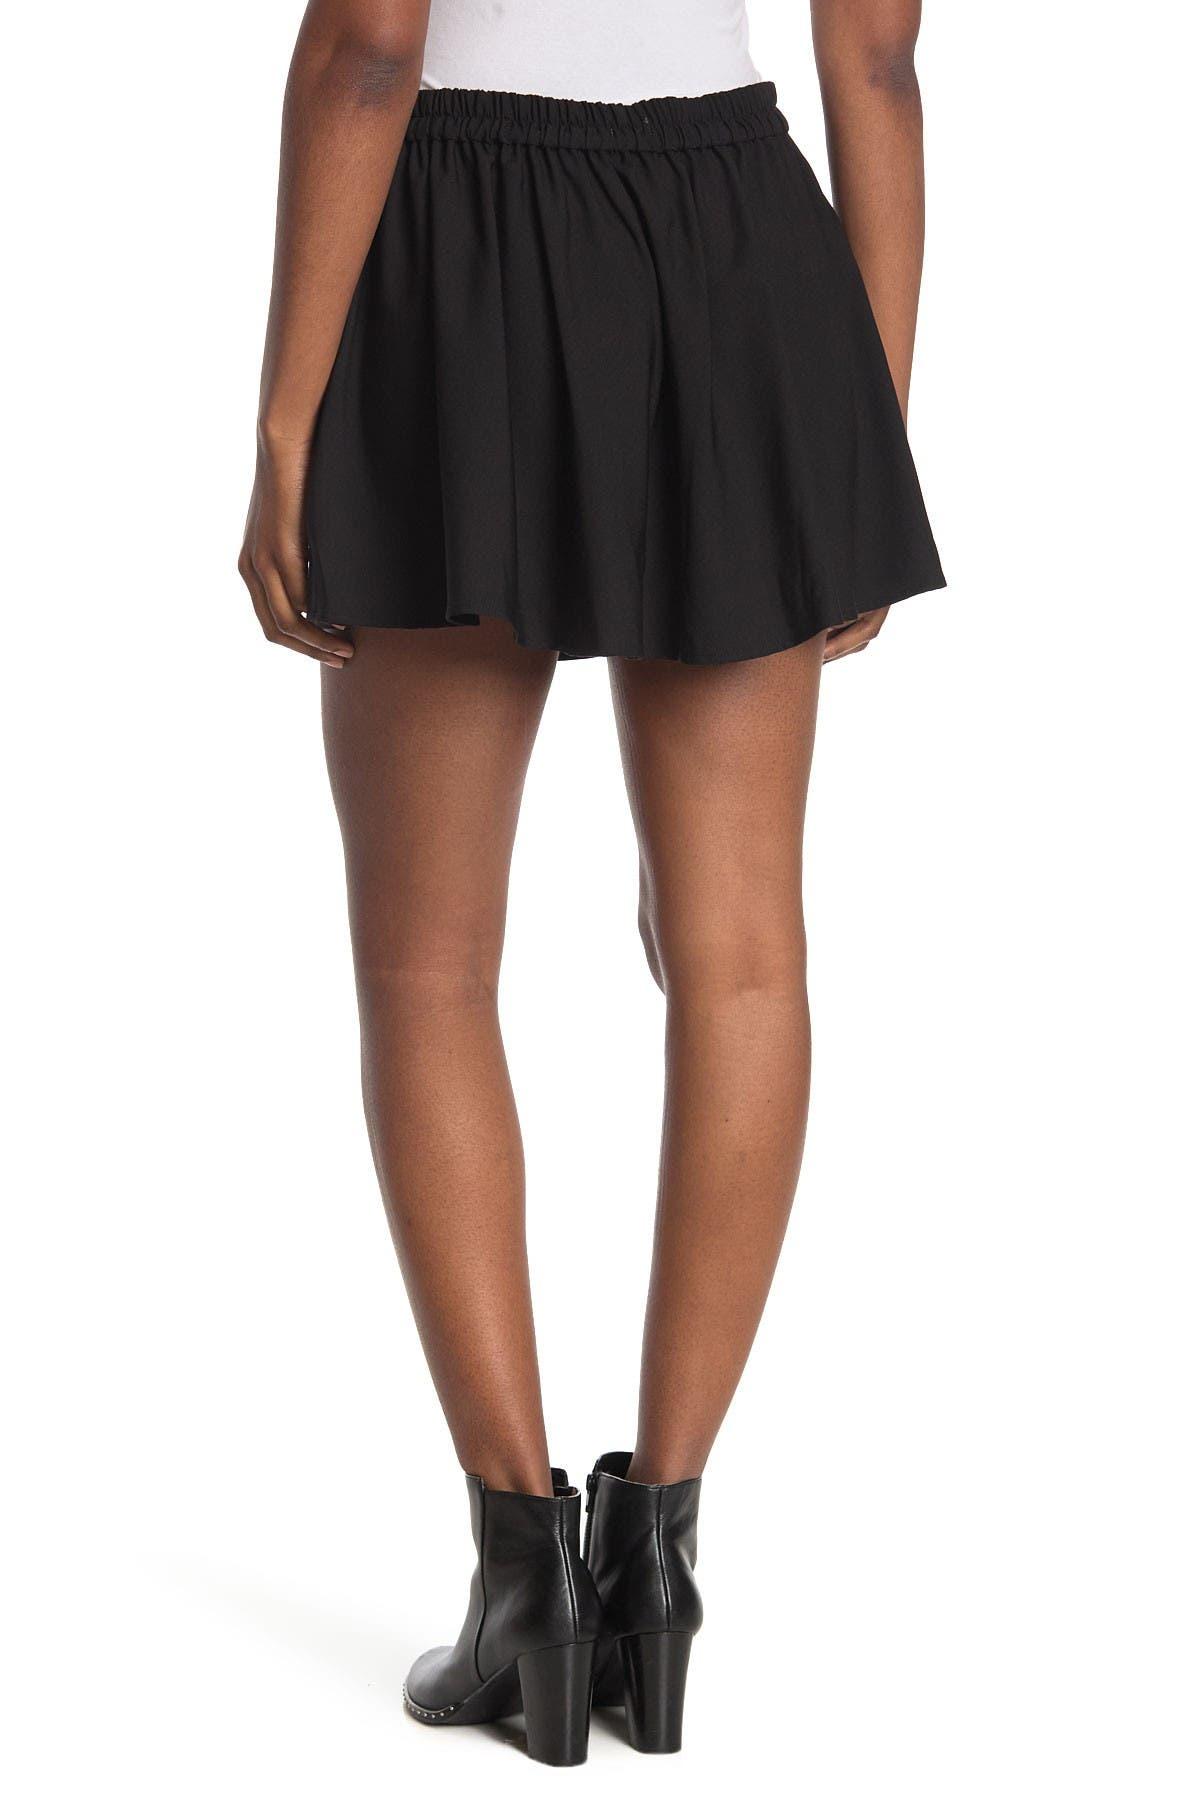 Image of Abound Skater Skirt